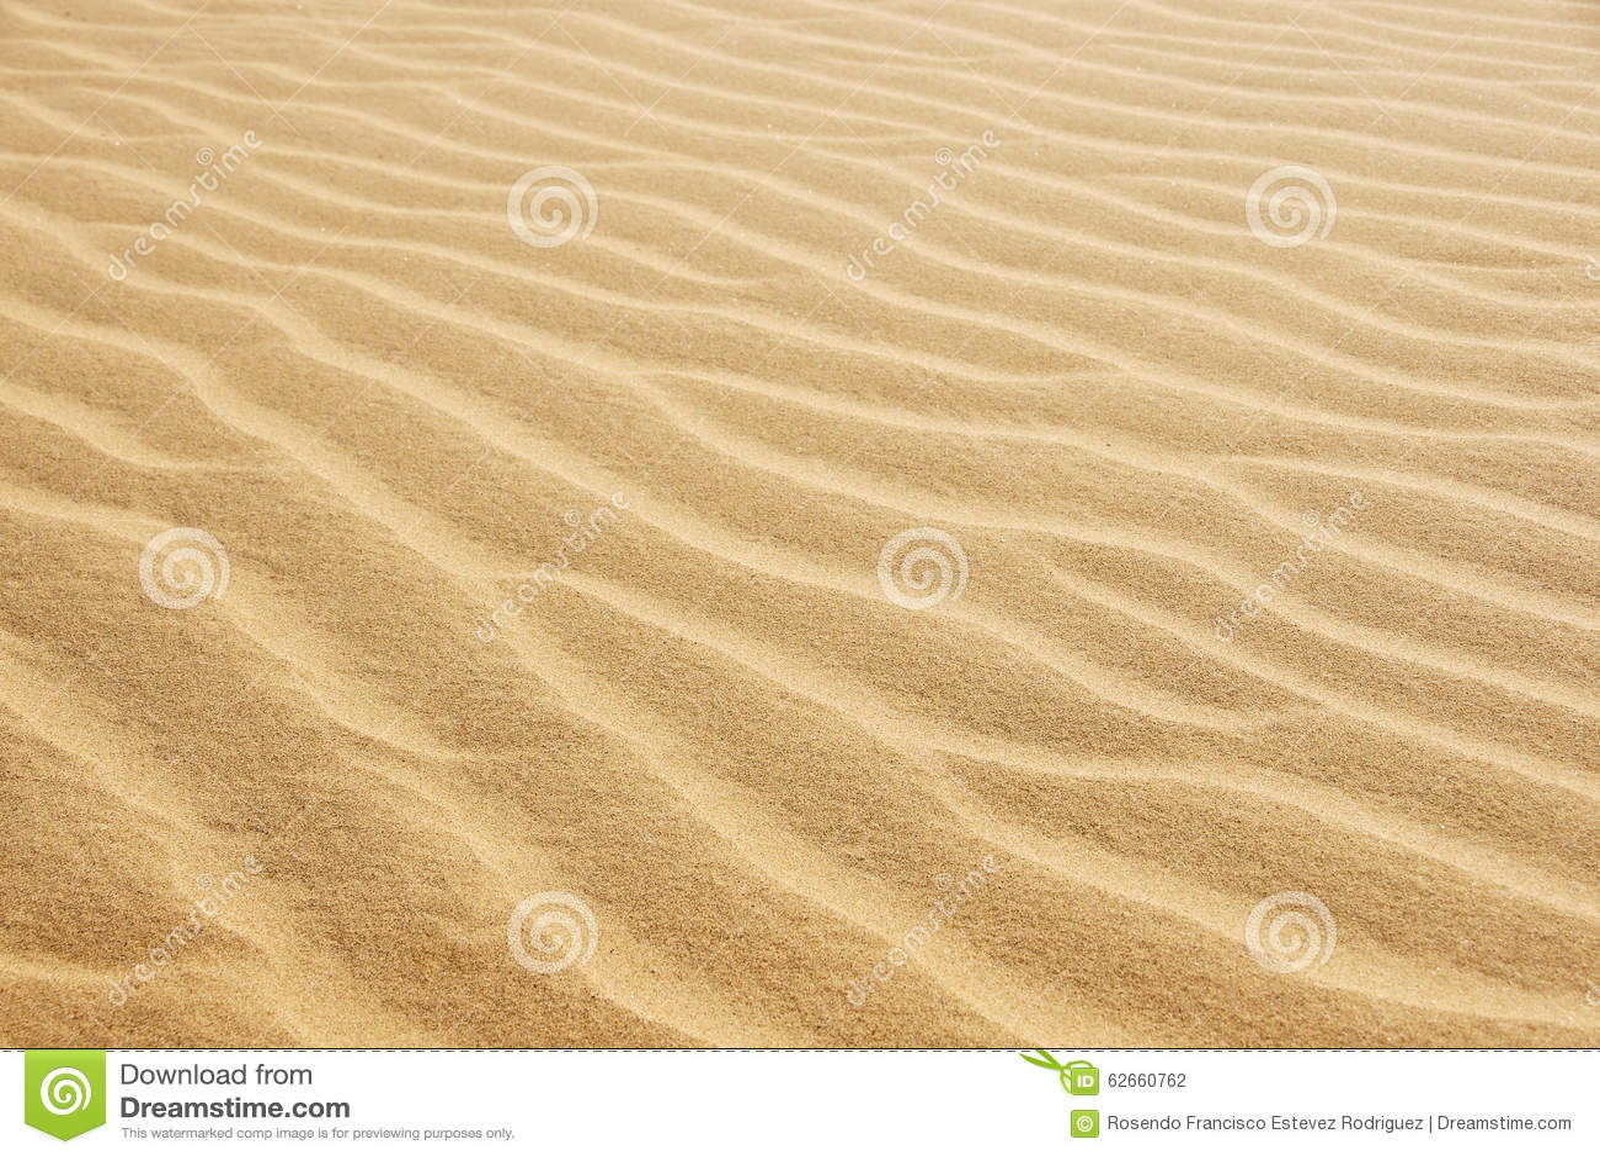 Abandone a areia